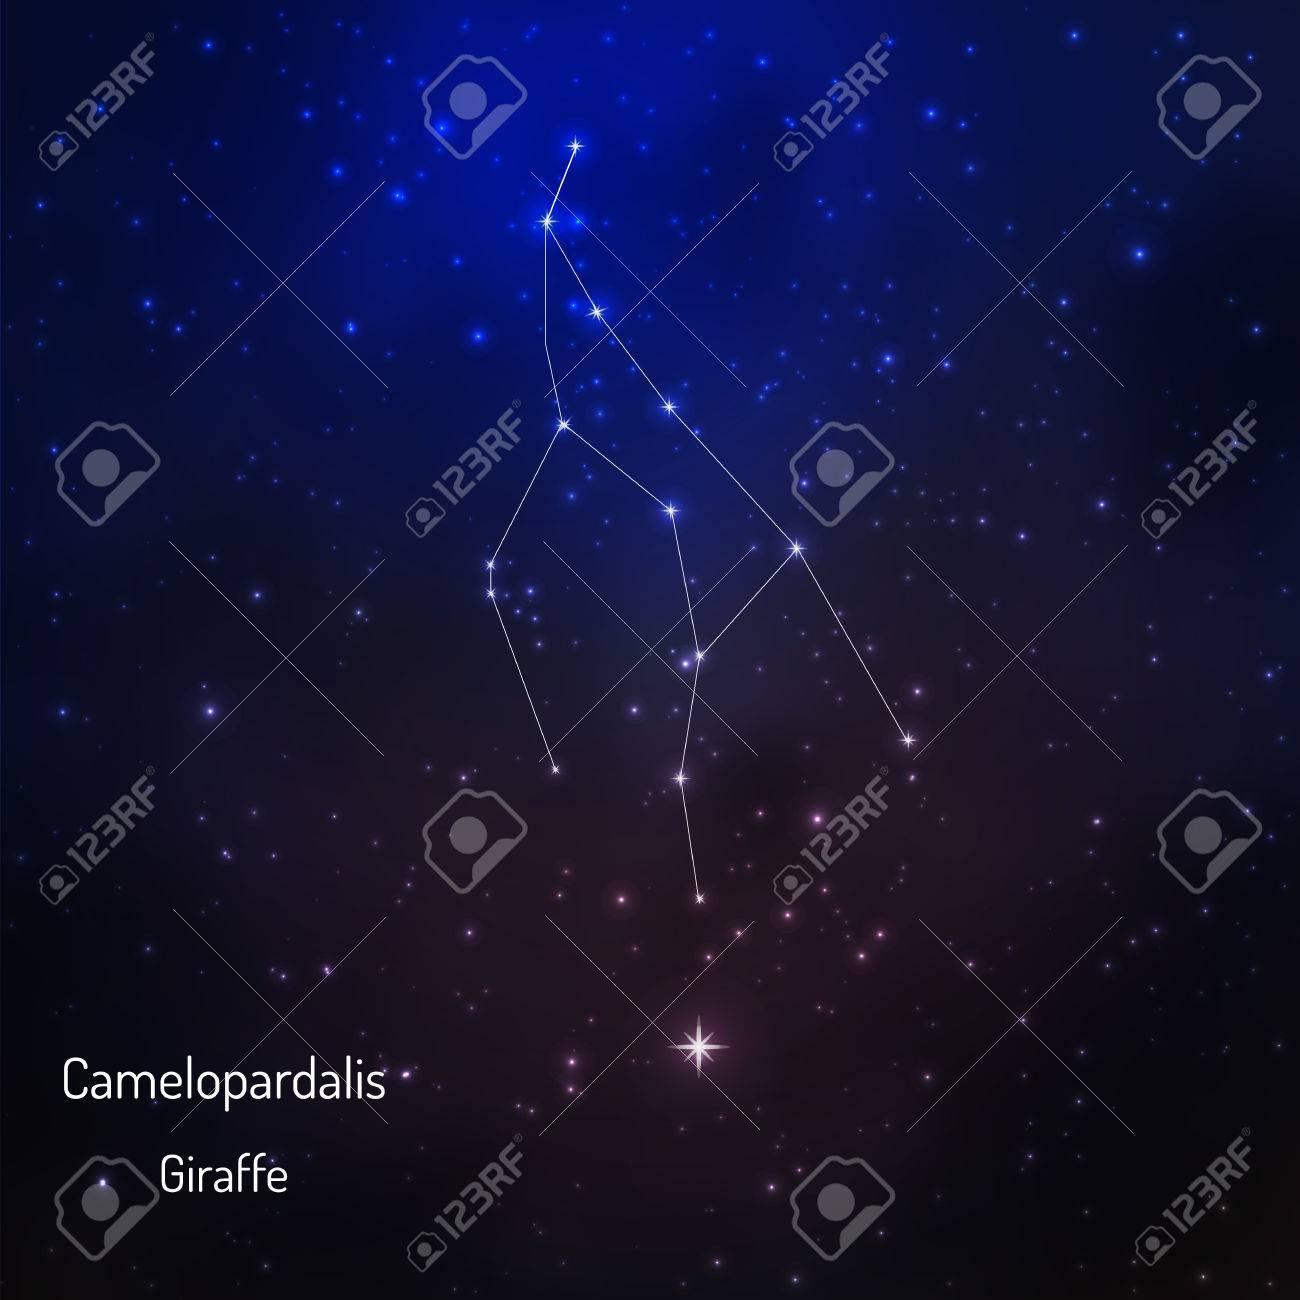 camelopardus